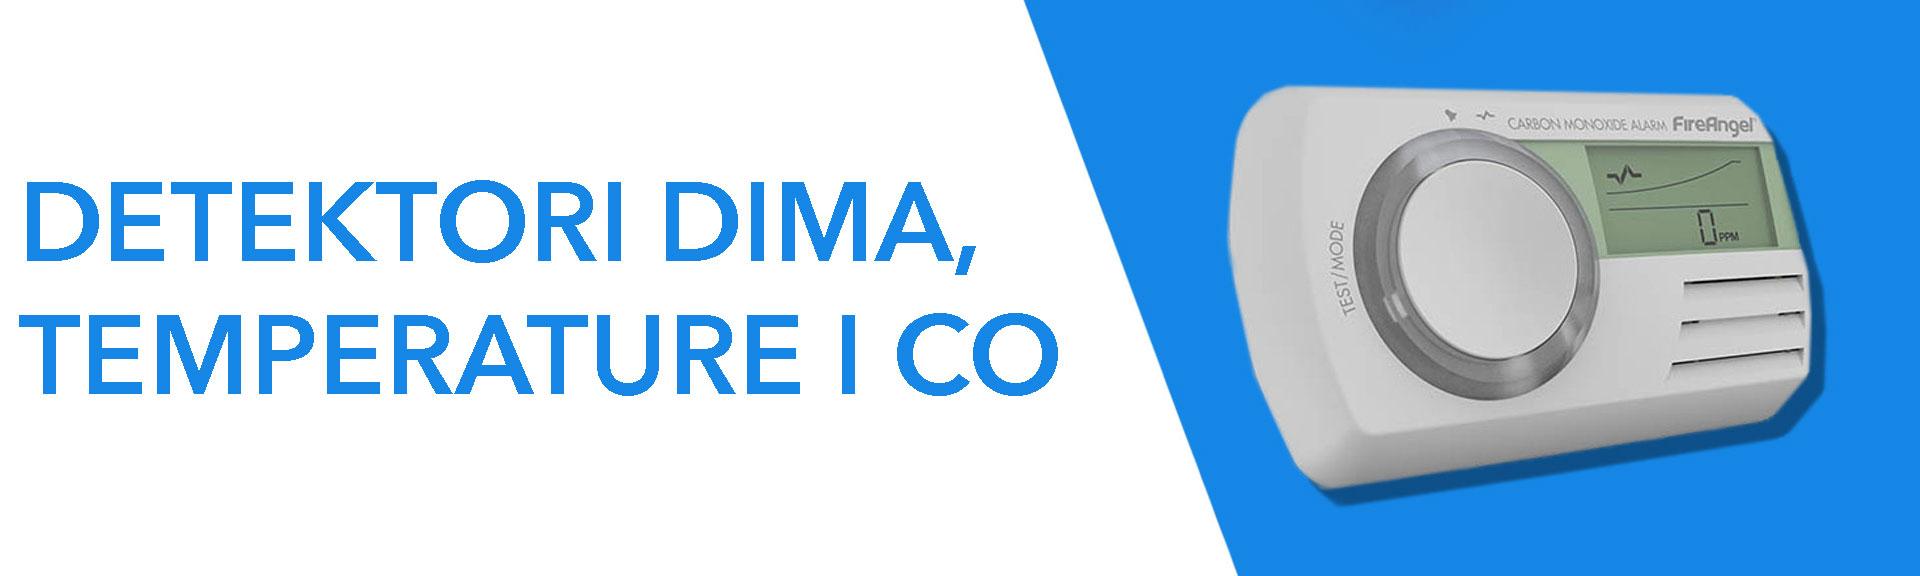 DETEKTORI-DIMA,-TEMPERATURE-I-UGLJIČNOG MONOKSIDA--banner-